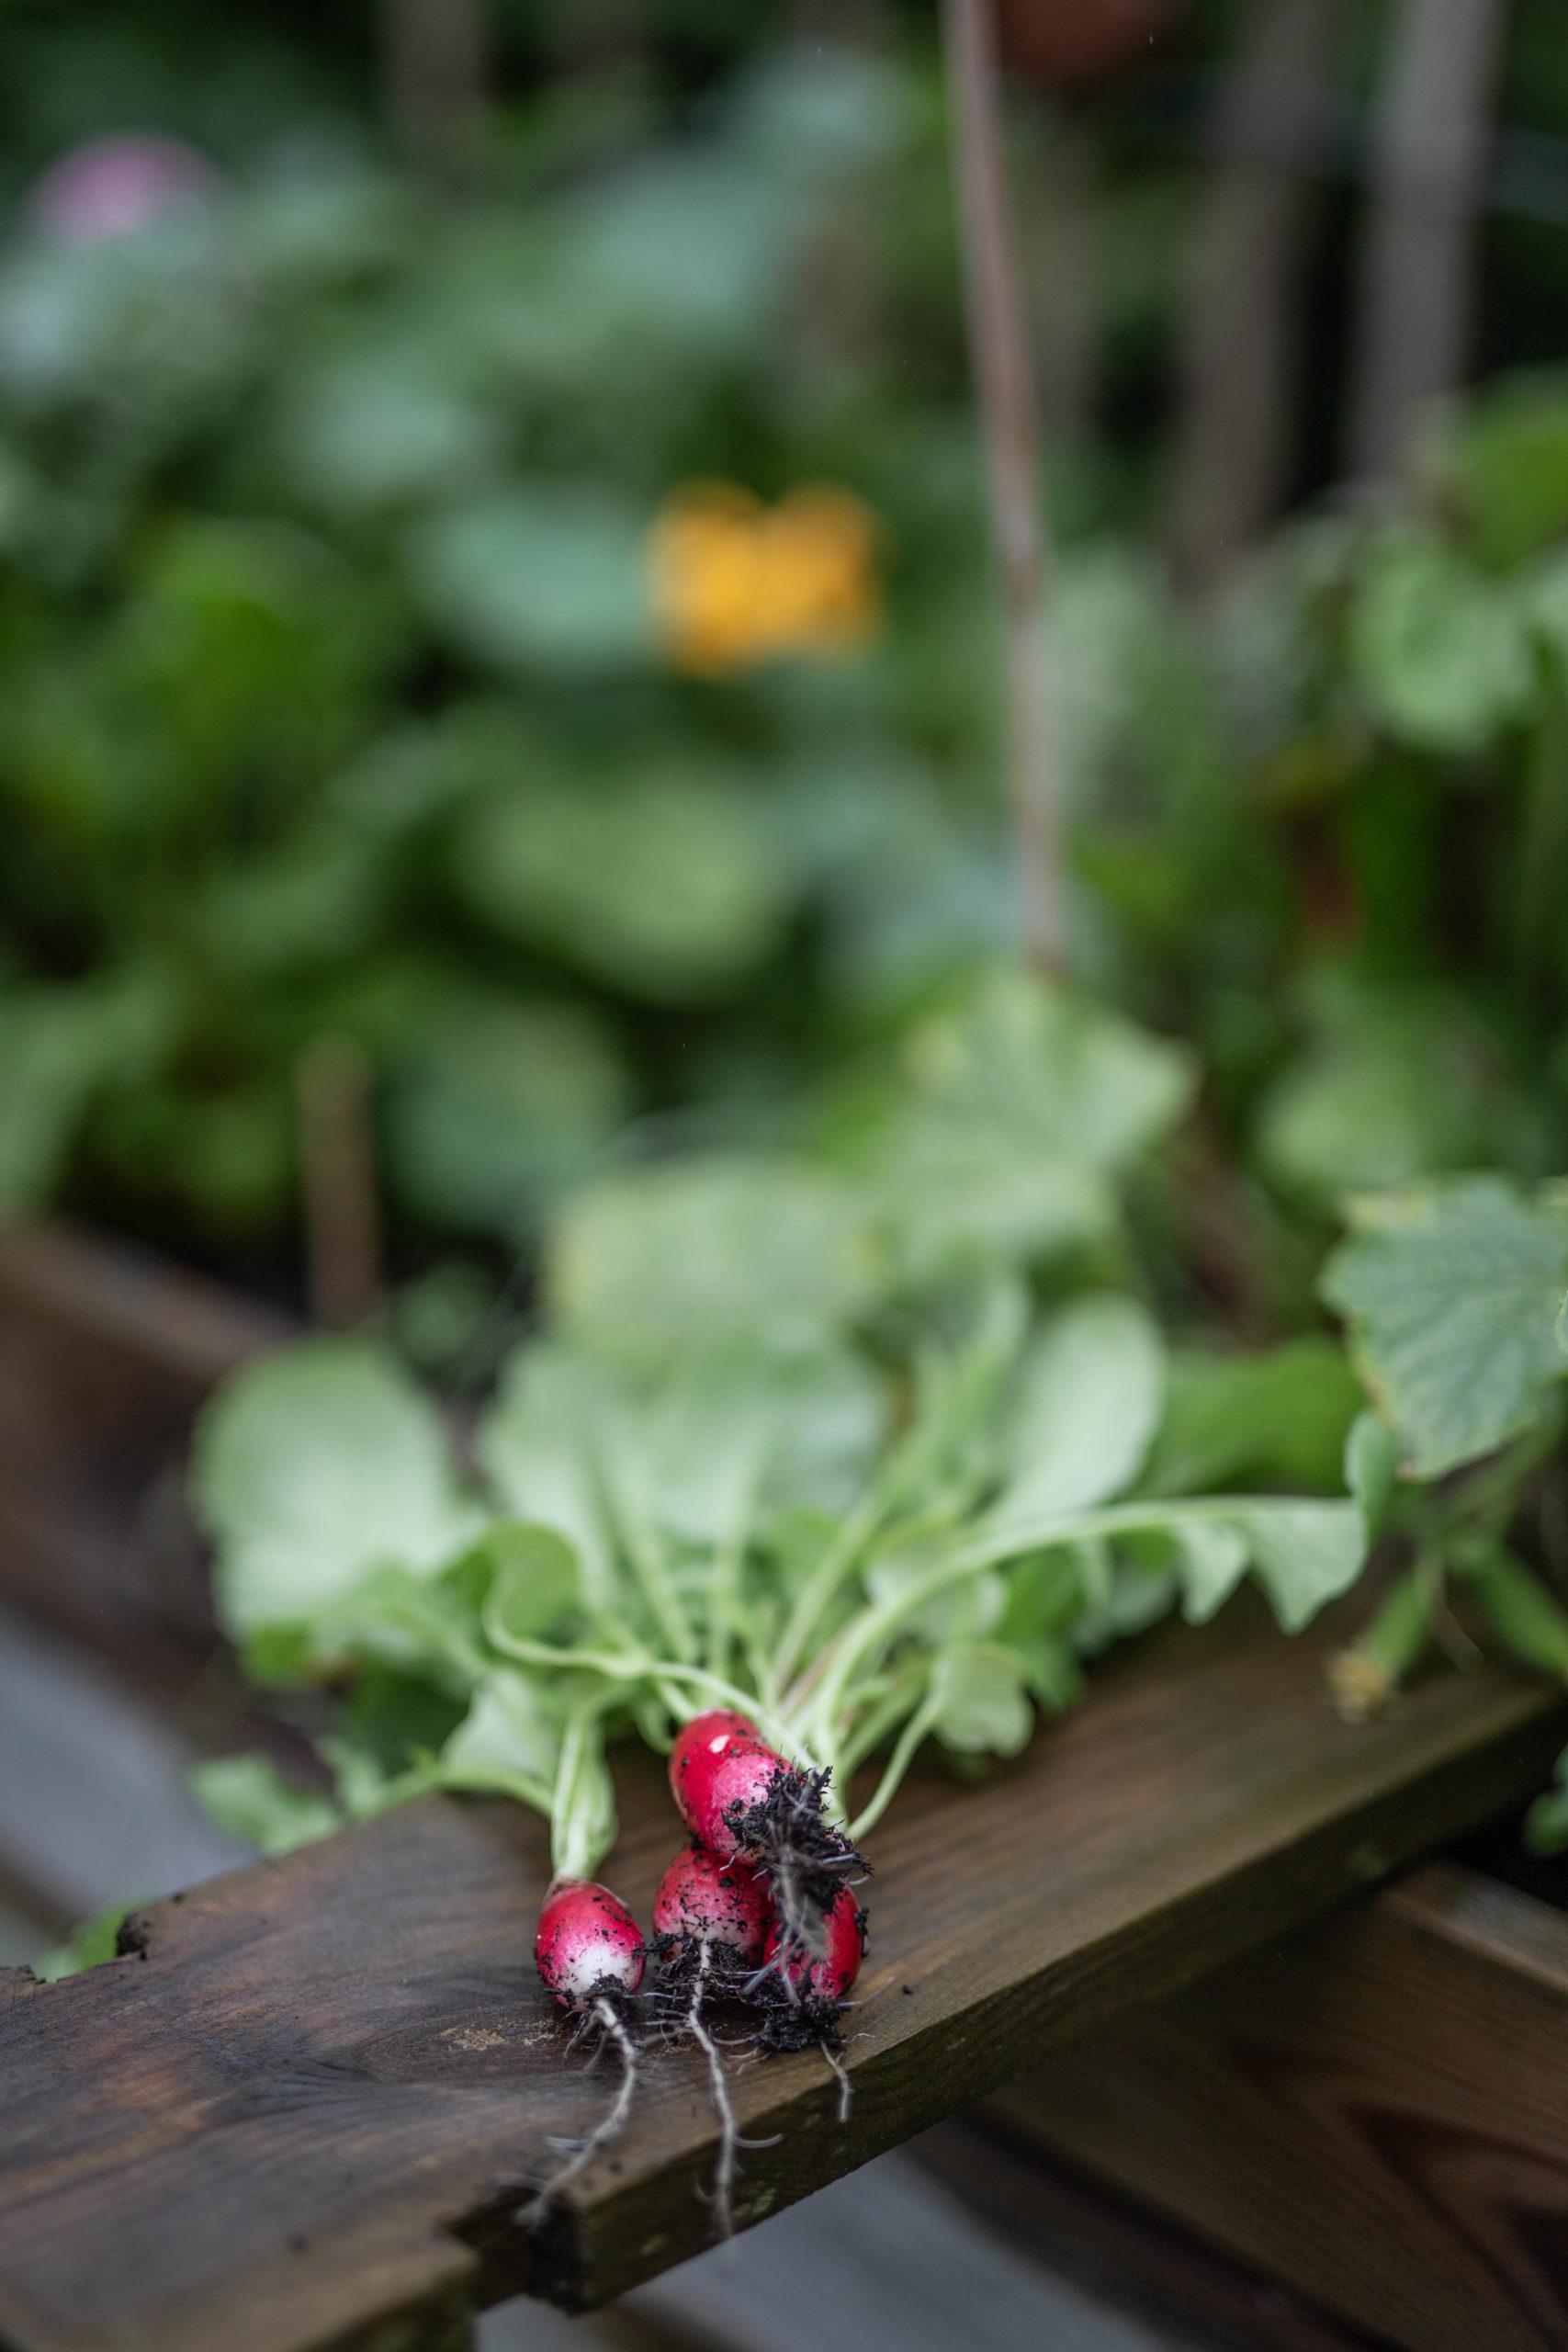 Radieschen fermentieren im Glas - Gemüse fermentieren leicht gemacht | Syl Gervais - Gesunde, vegane Rezepte und Fermentier-Workshops